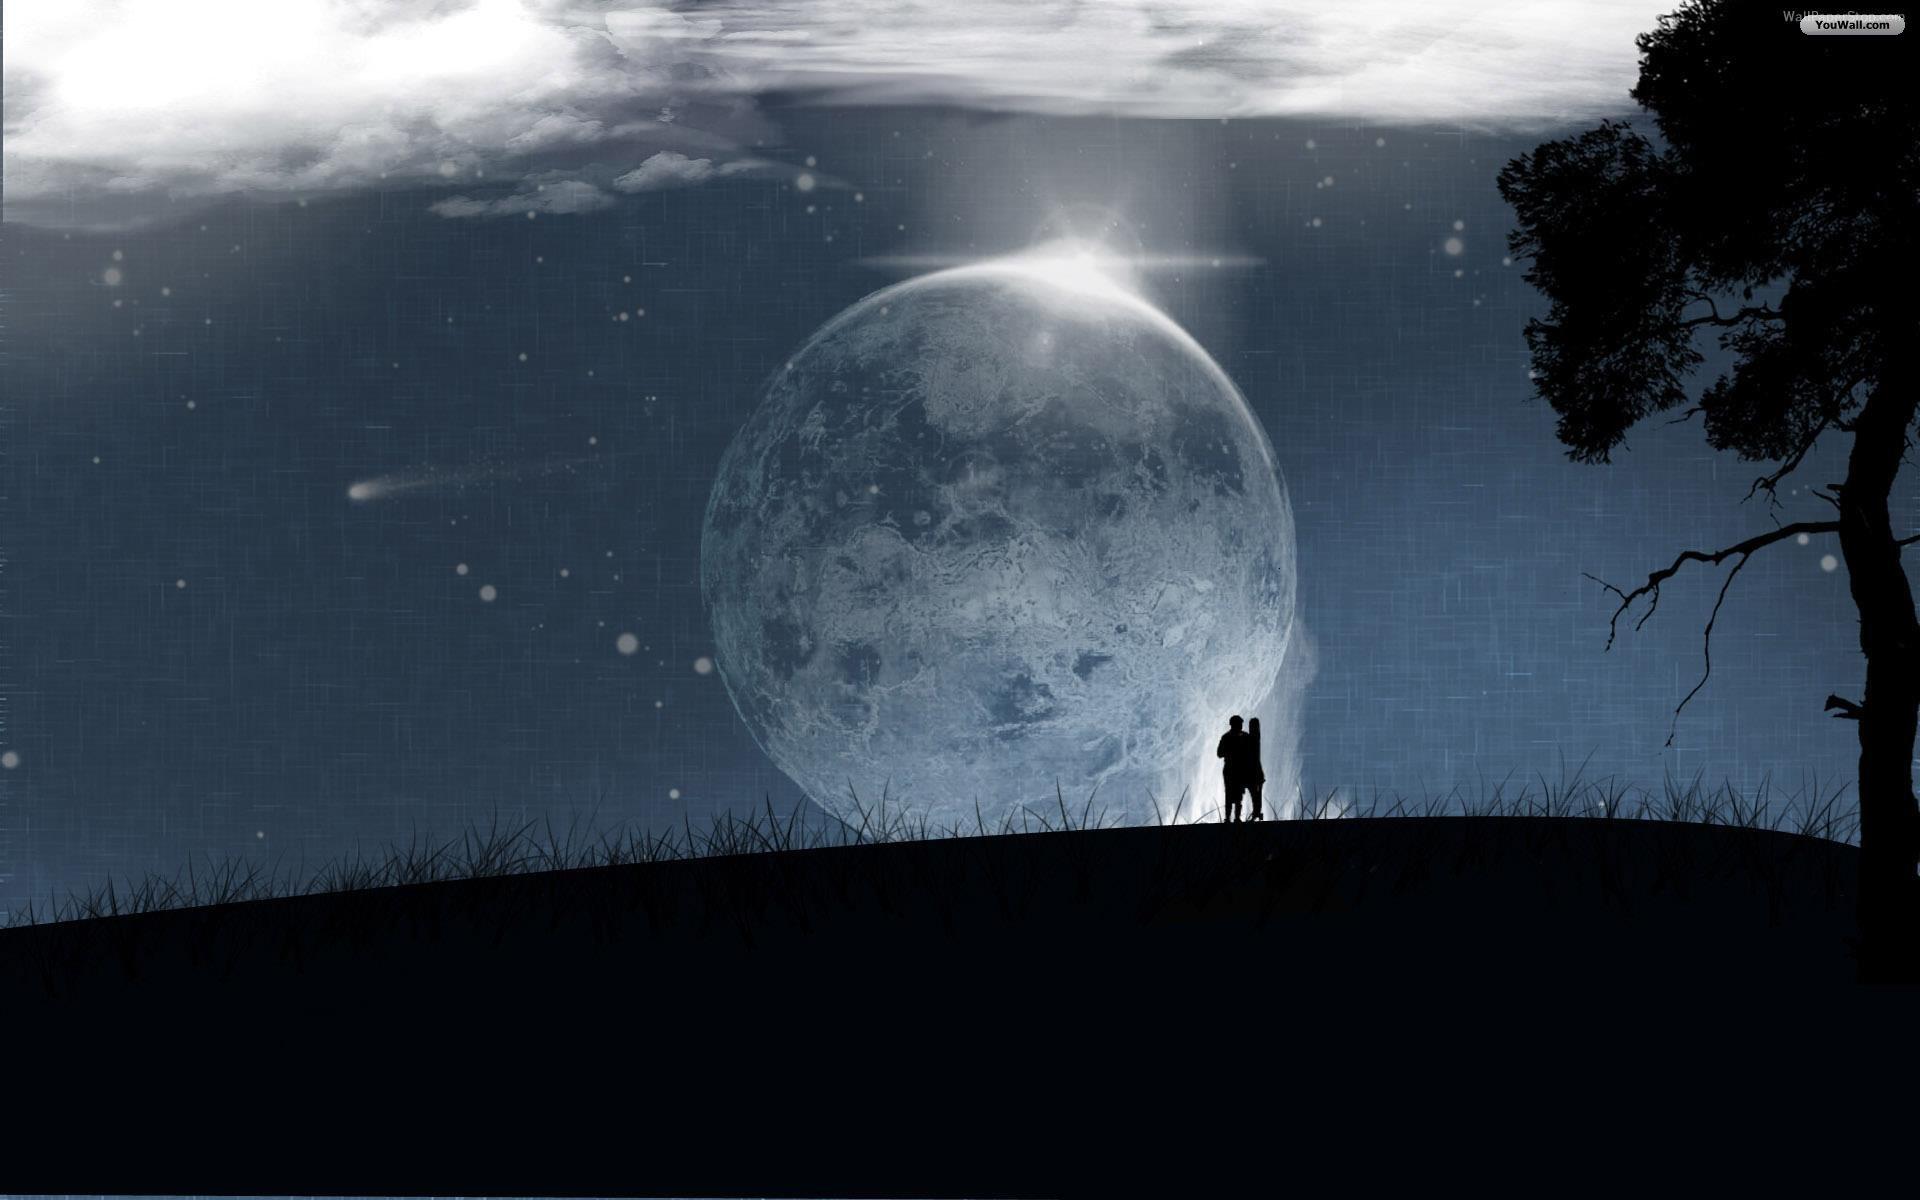 love moon wallpaper, влюбленные под луной, ночь, скачать фото